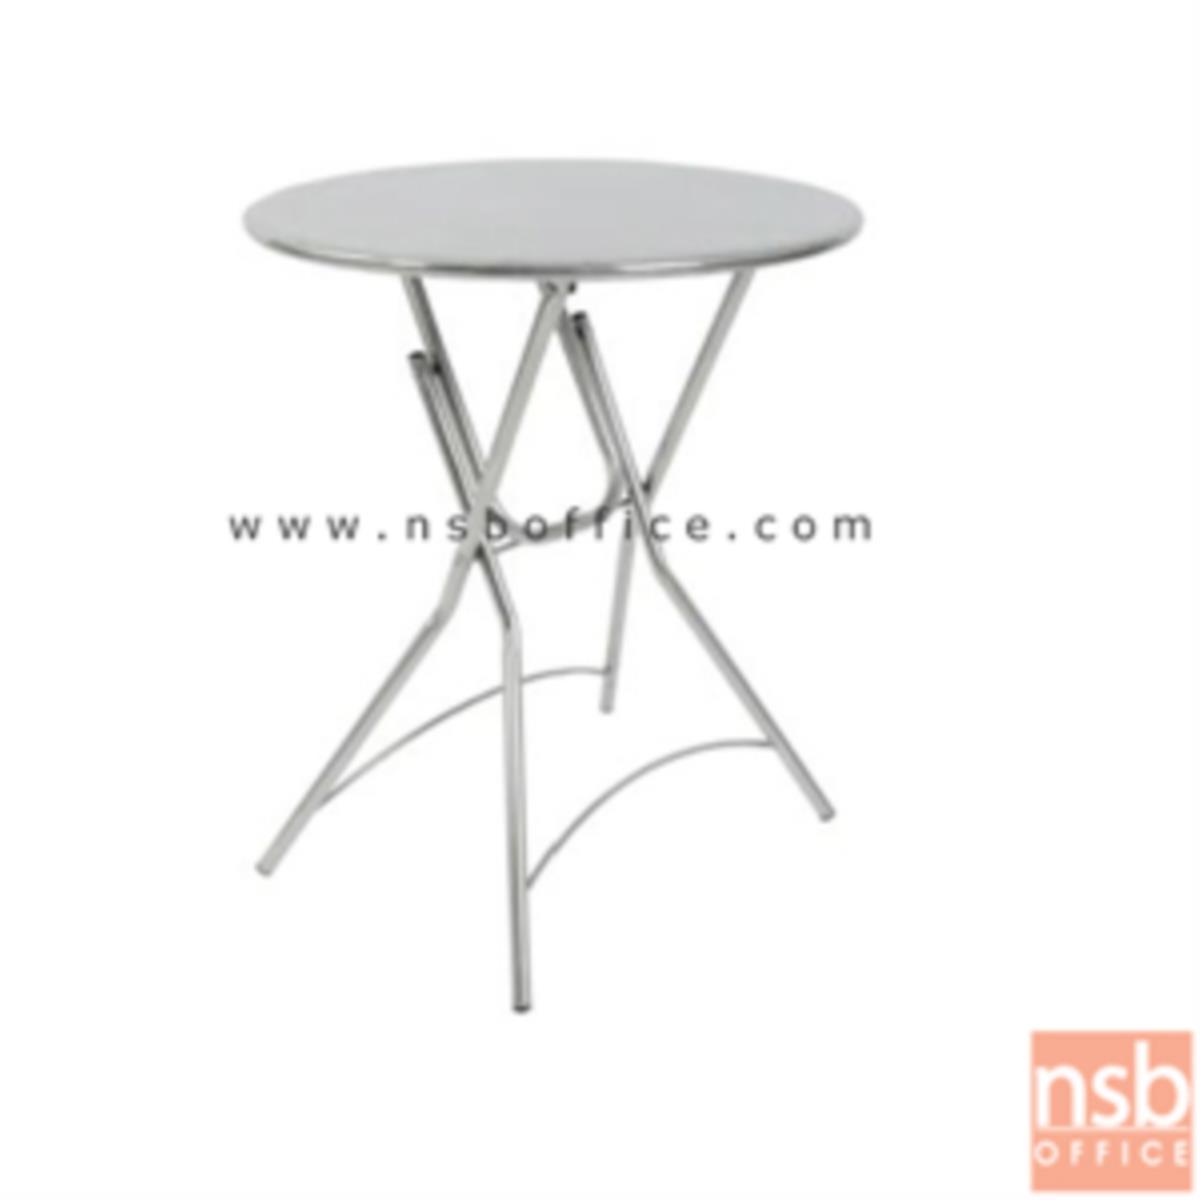 G12A101:โต๊ะพับหน้าสเตนเลส รุ่น Hagar (ฮาก้า) ขนาด 59Di cm. ขาสวิง